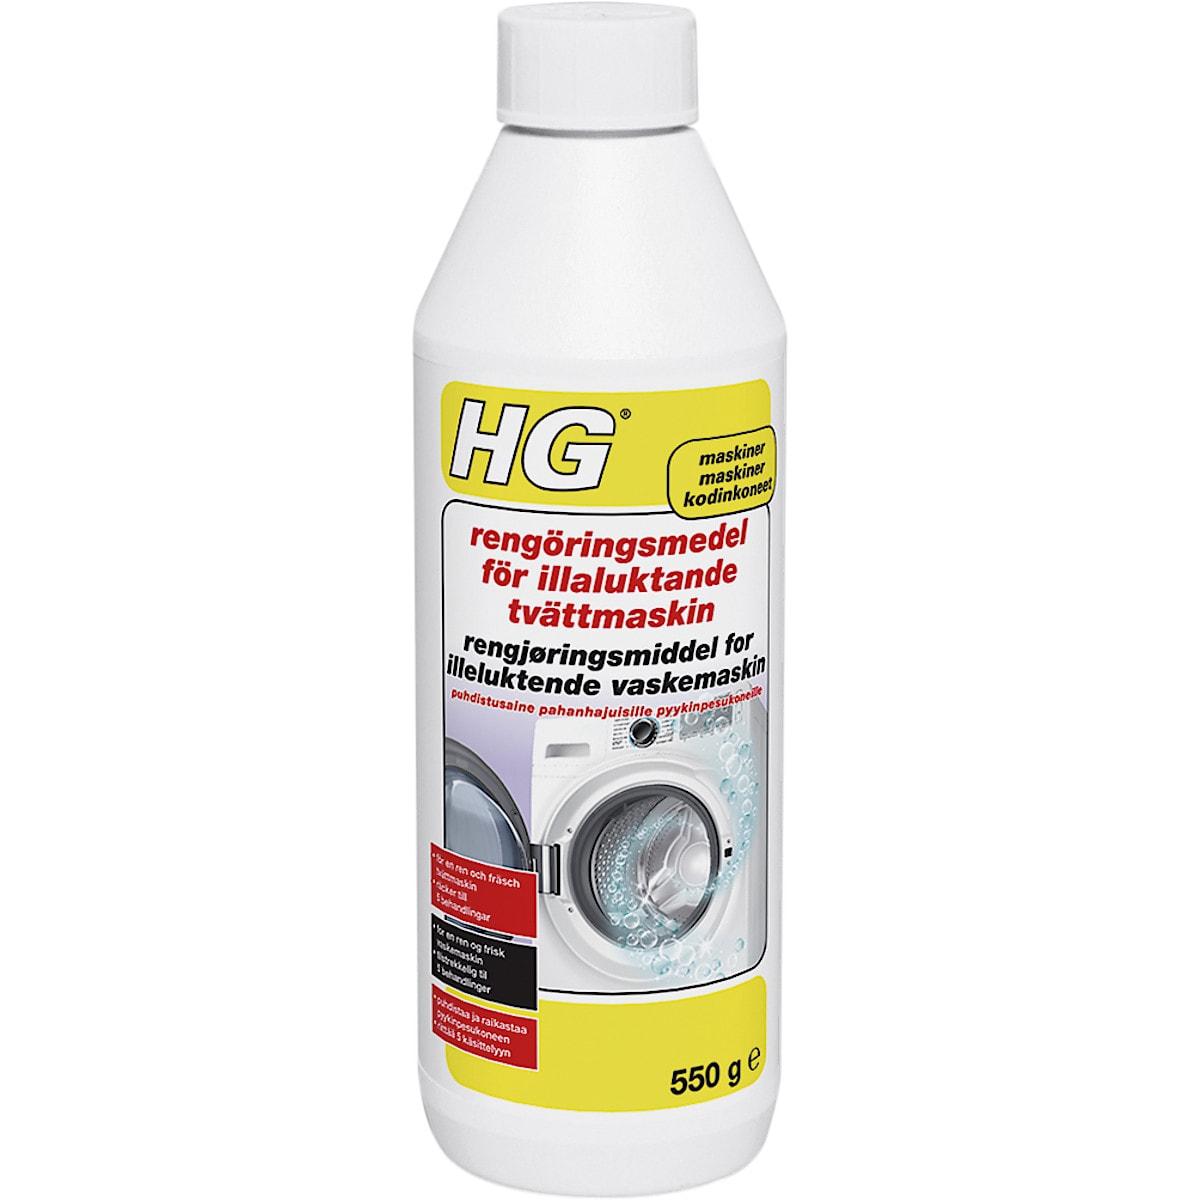 Rengöring tvättmaskin HG 550 g